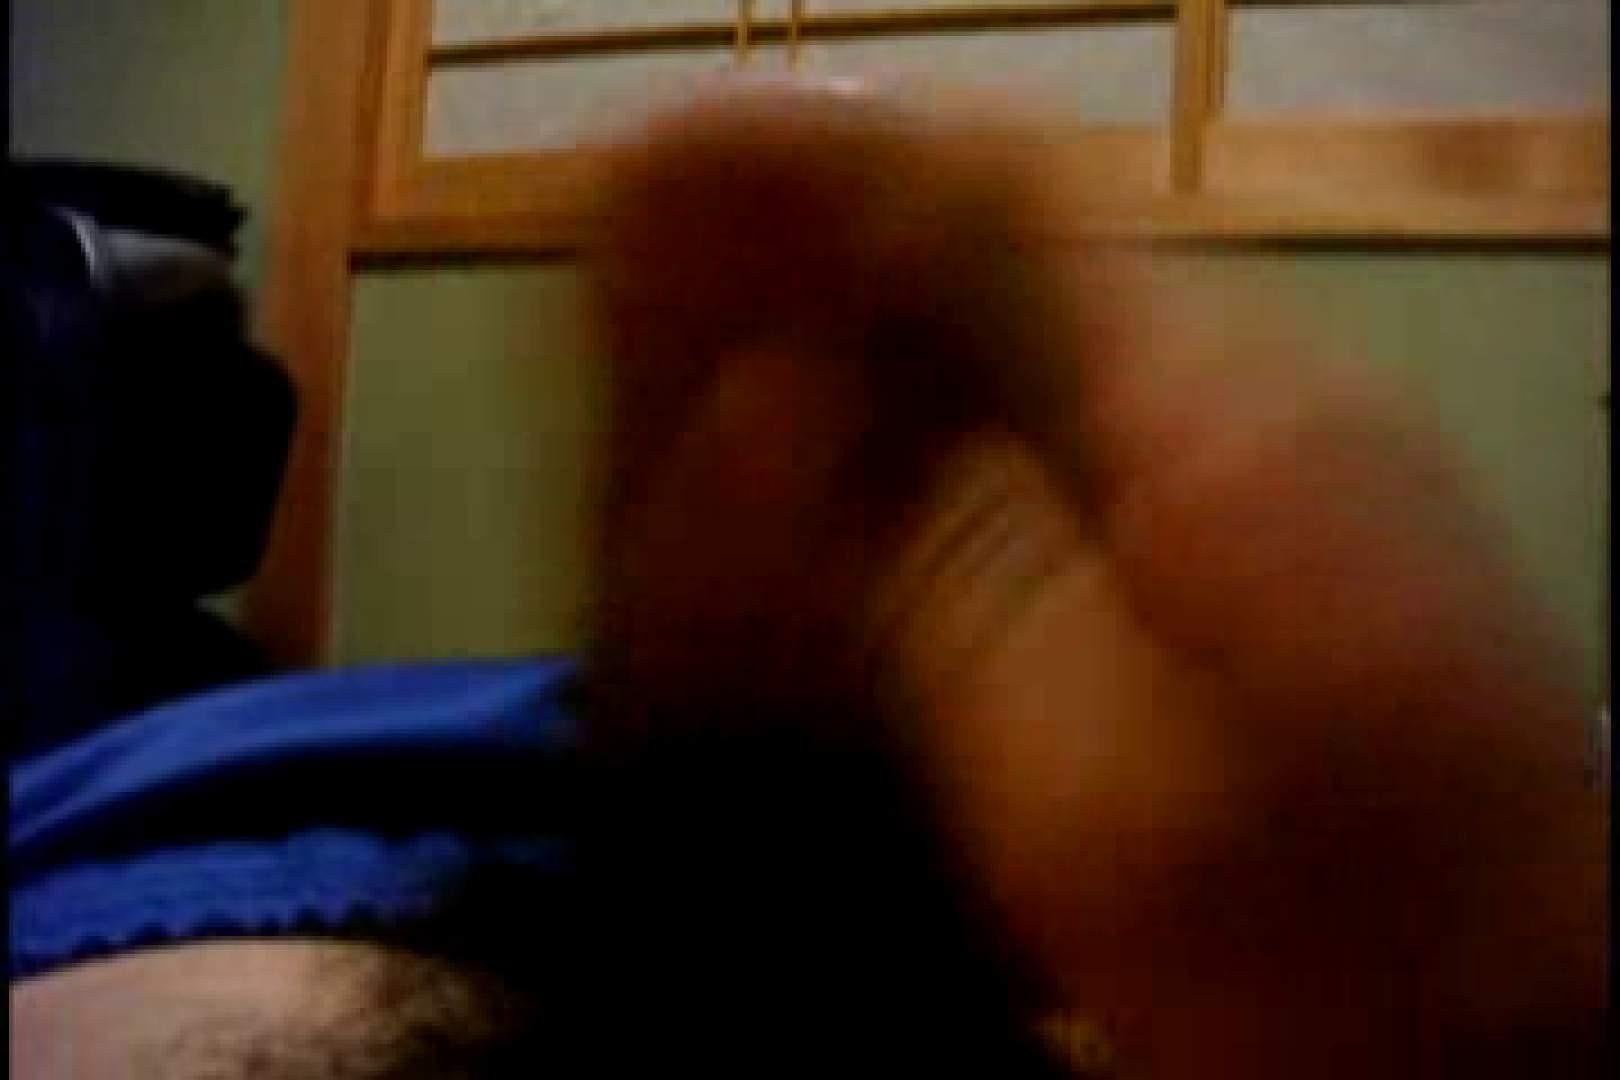 オナ好きノンケテニス部員の自画撮り投稿vol.02 モザ無し | オナニー エロビデオ紹介 77枚 32